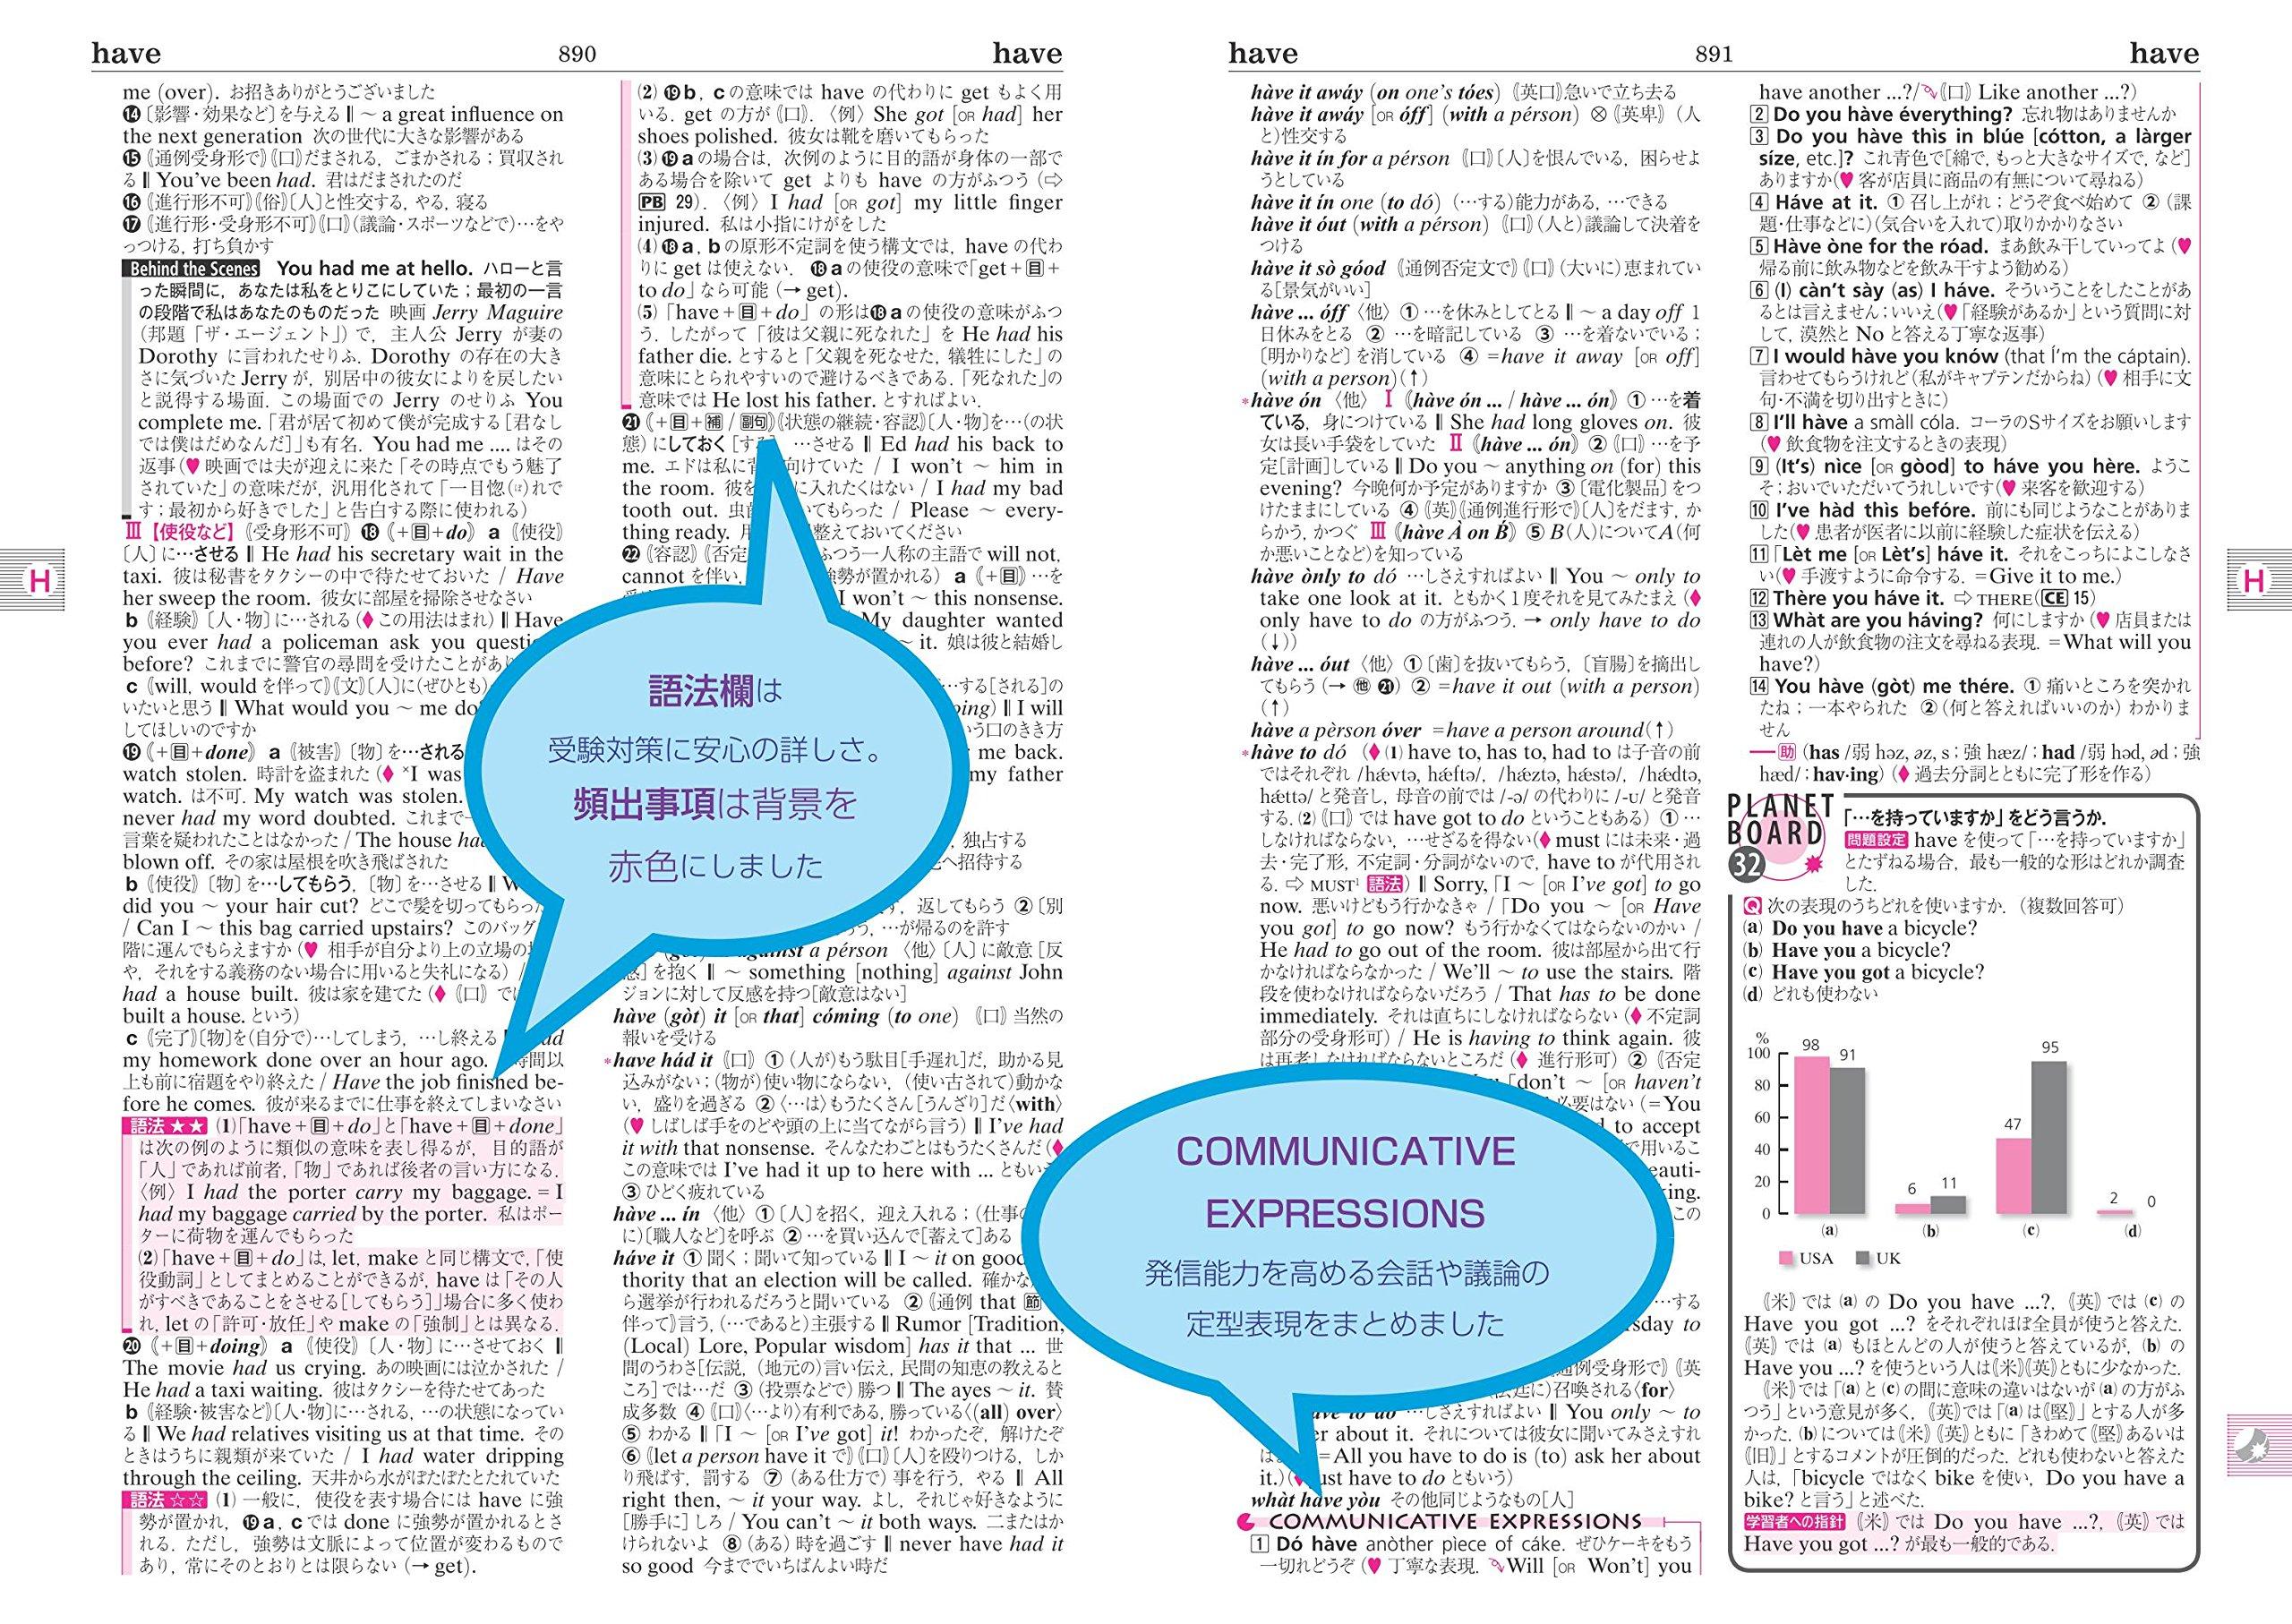 オーレックス英和辞典 第2版新装版 | 旺文社